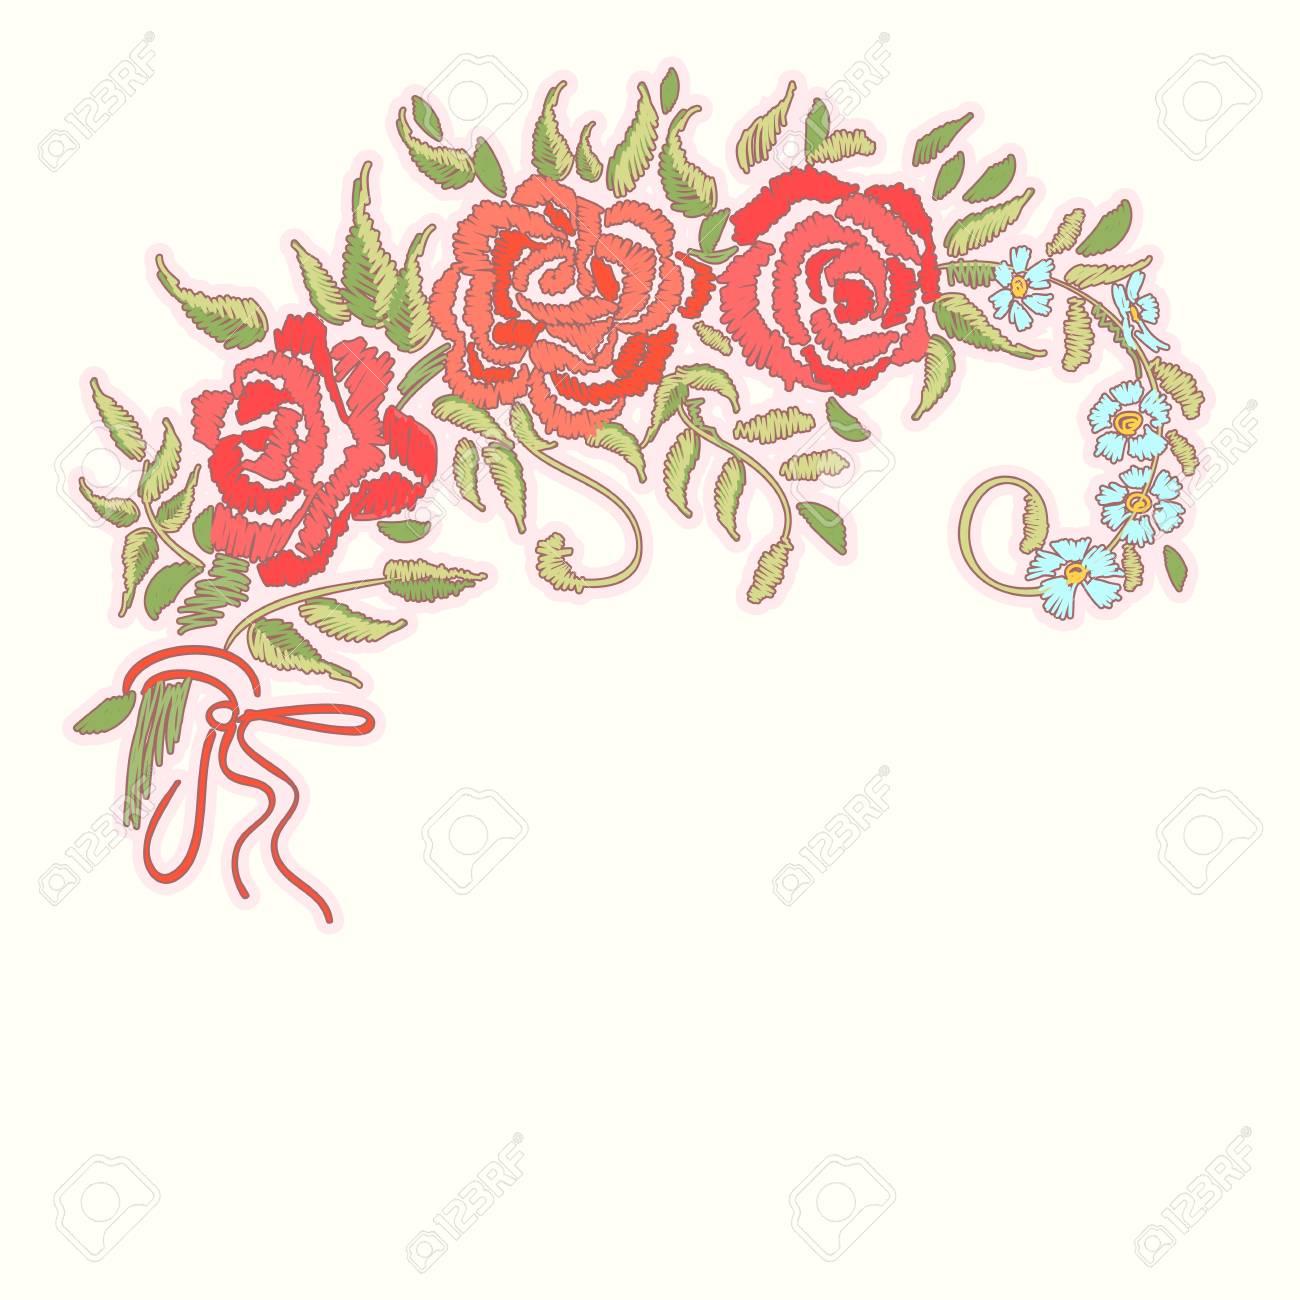 Bordado De Rosas Rojas Sobre Fondo Blanco. Patrón Floral Bordado ...